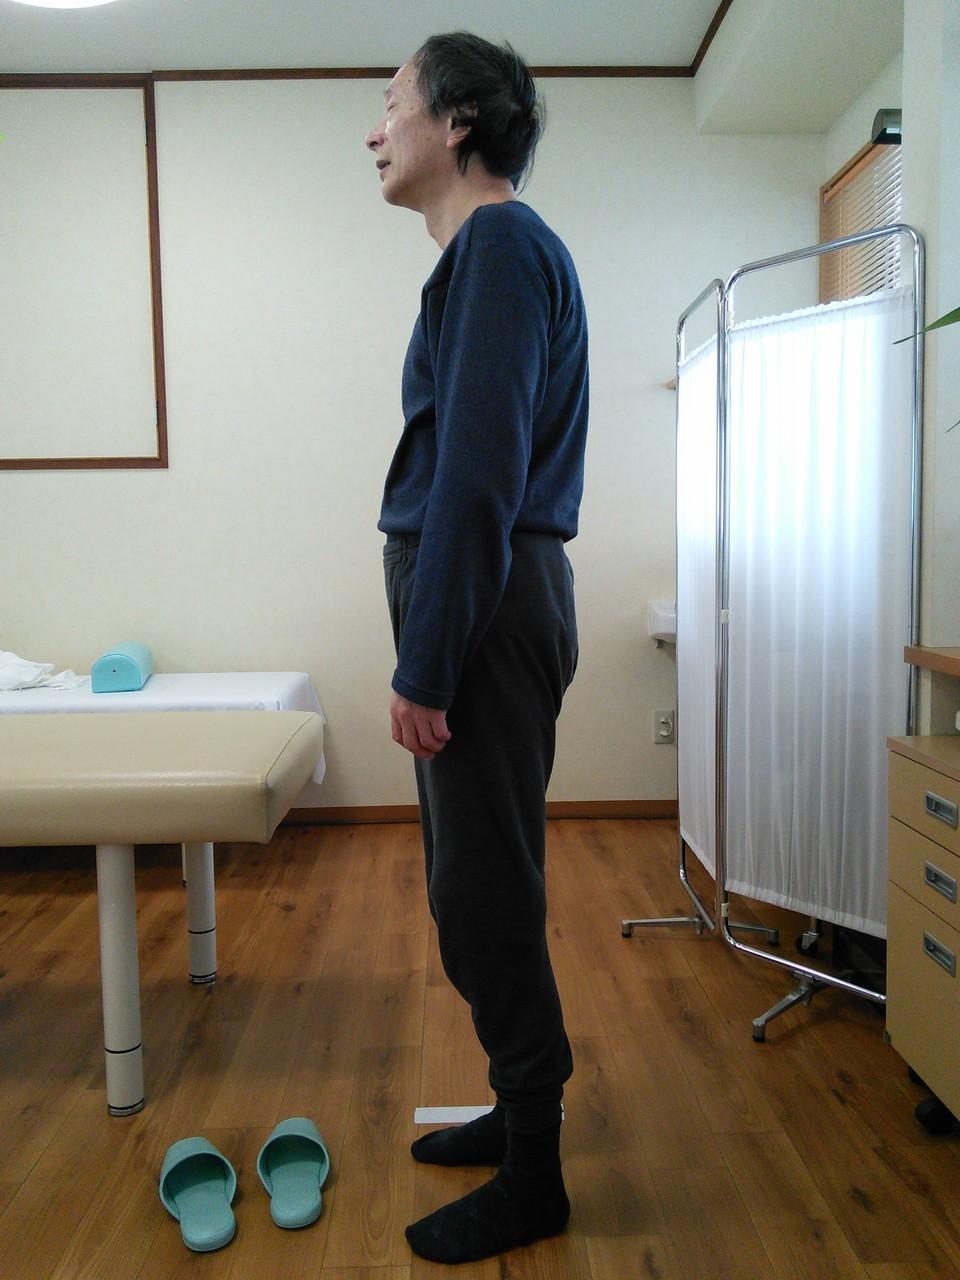 施術後、姿勢確認写真 背中の痛み改善